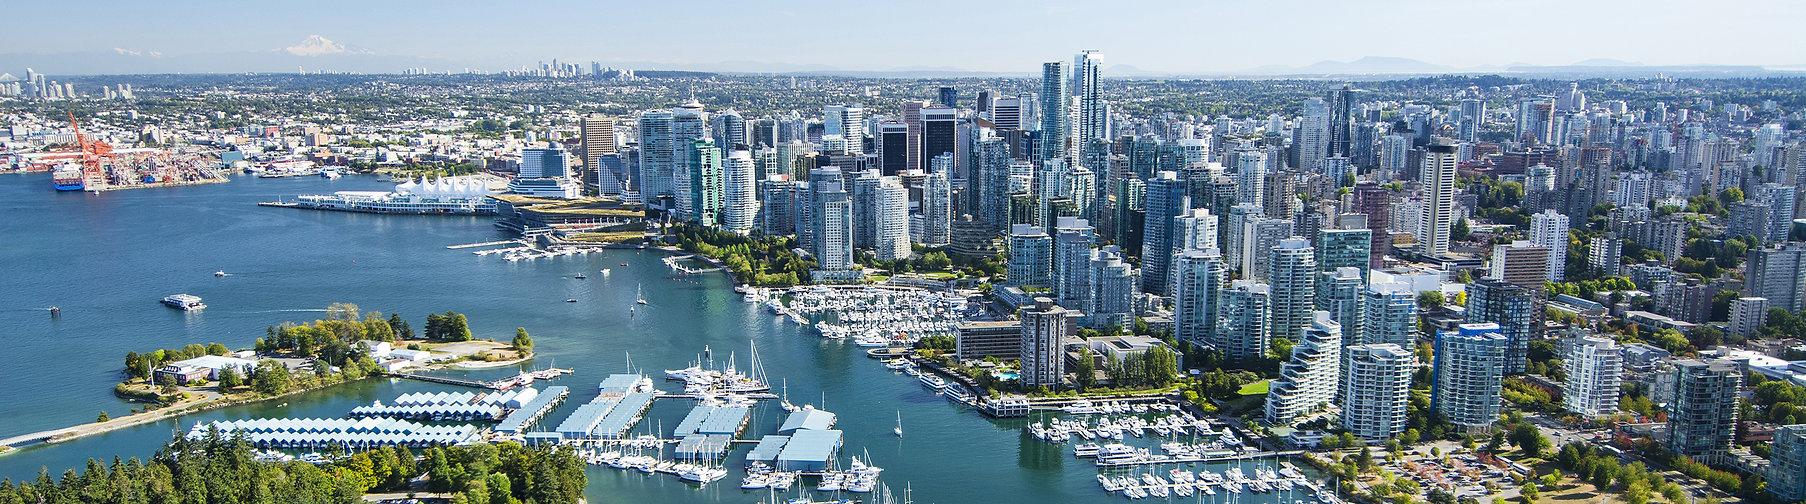 ICEF-Vancouver-Hero-Image-1.jpg